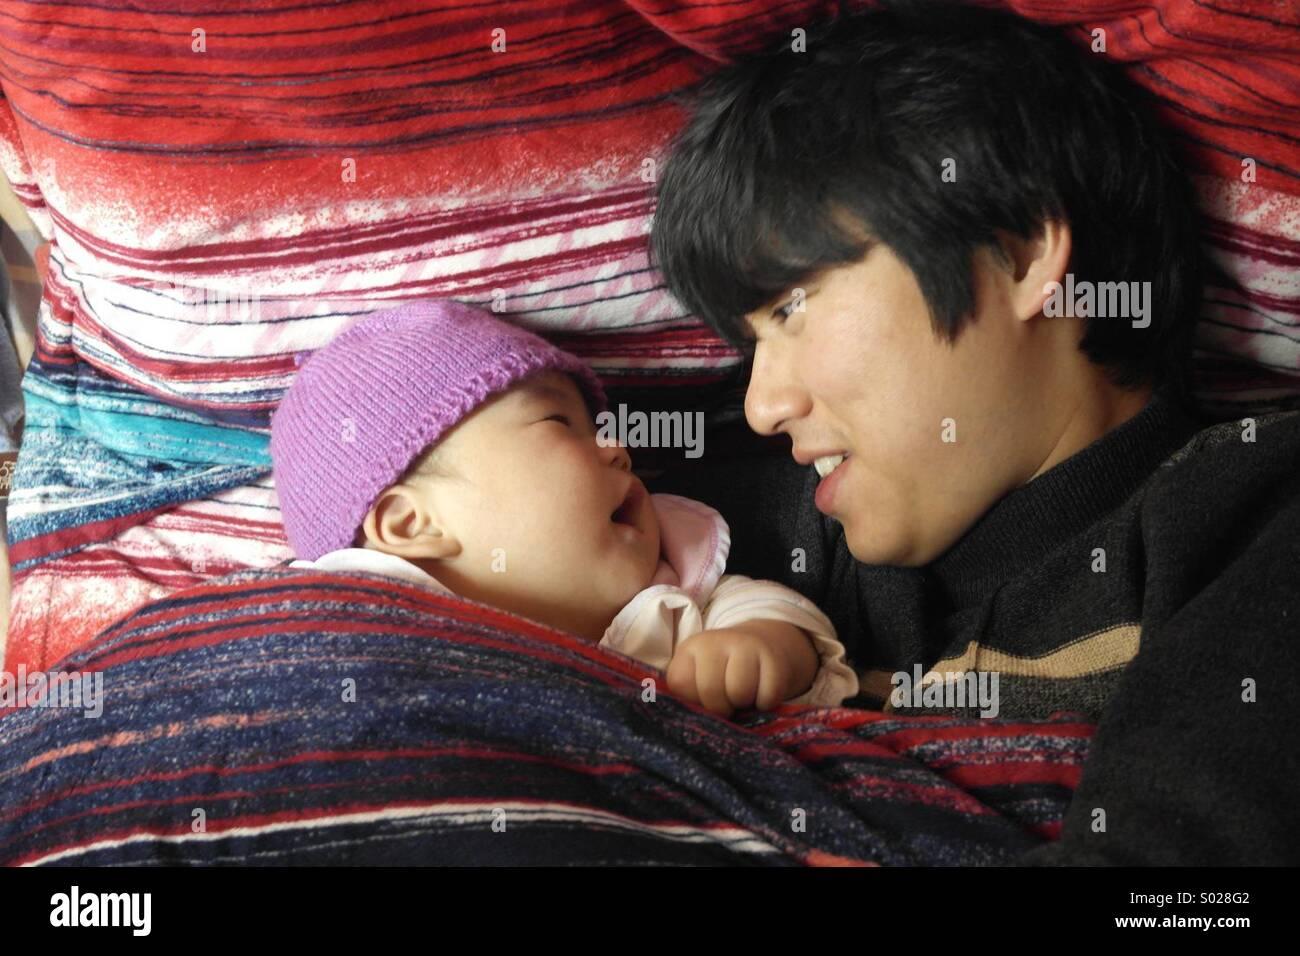 Asiatischen Vater und Sohn, 6 Monate baby Stockfoto